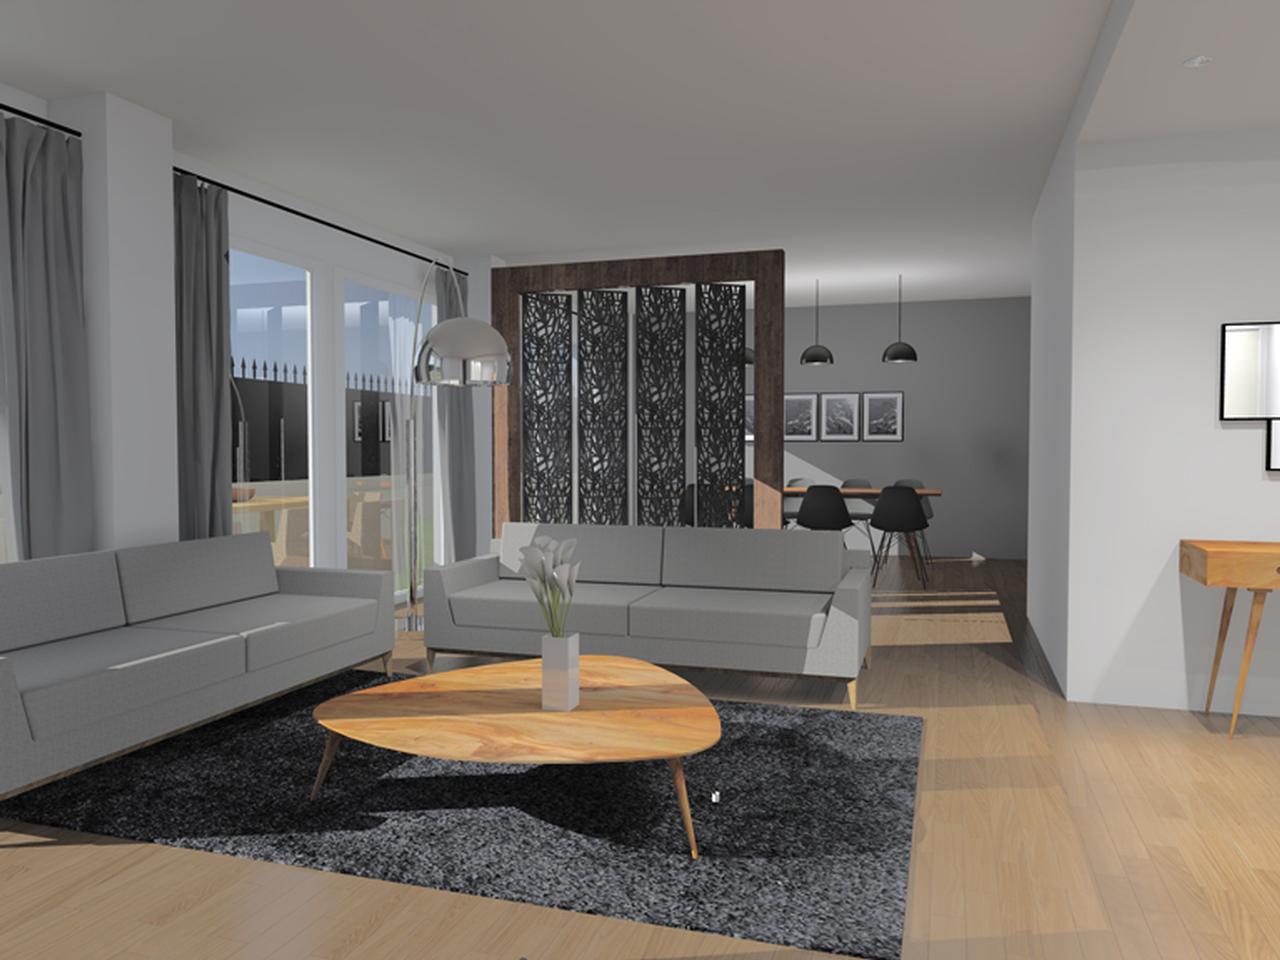 achat appartement paris les conseils pour acheter un bien. Black Bedroom Furniture Sets. Home Design Ideas